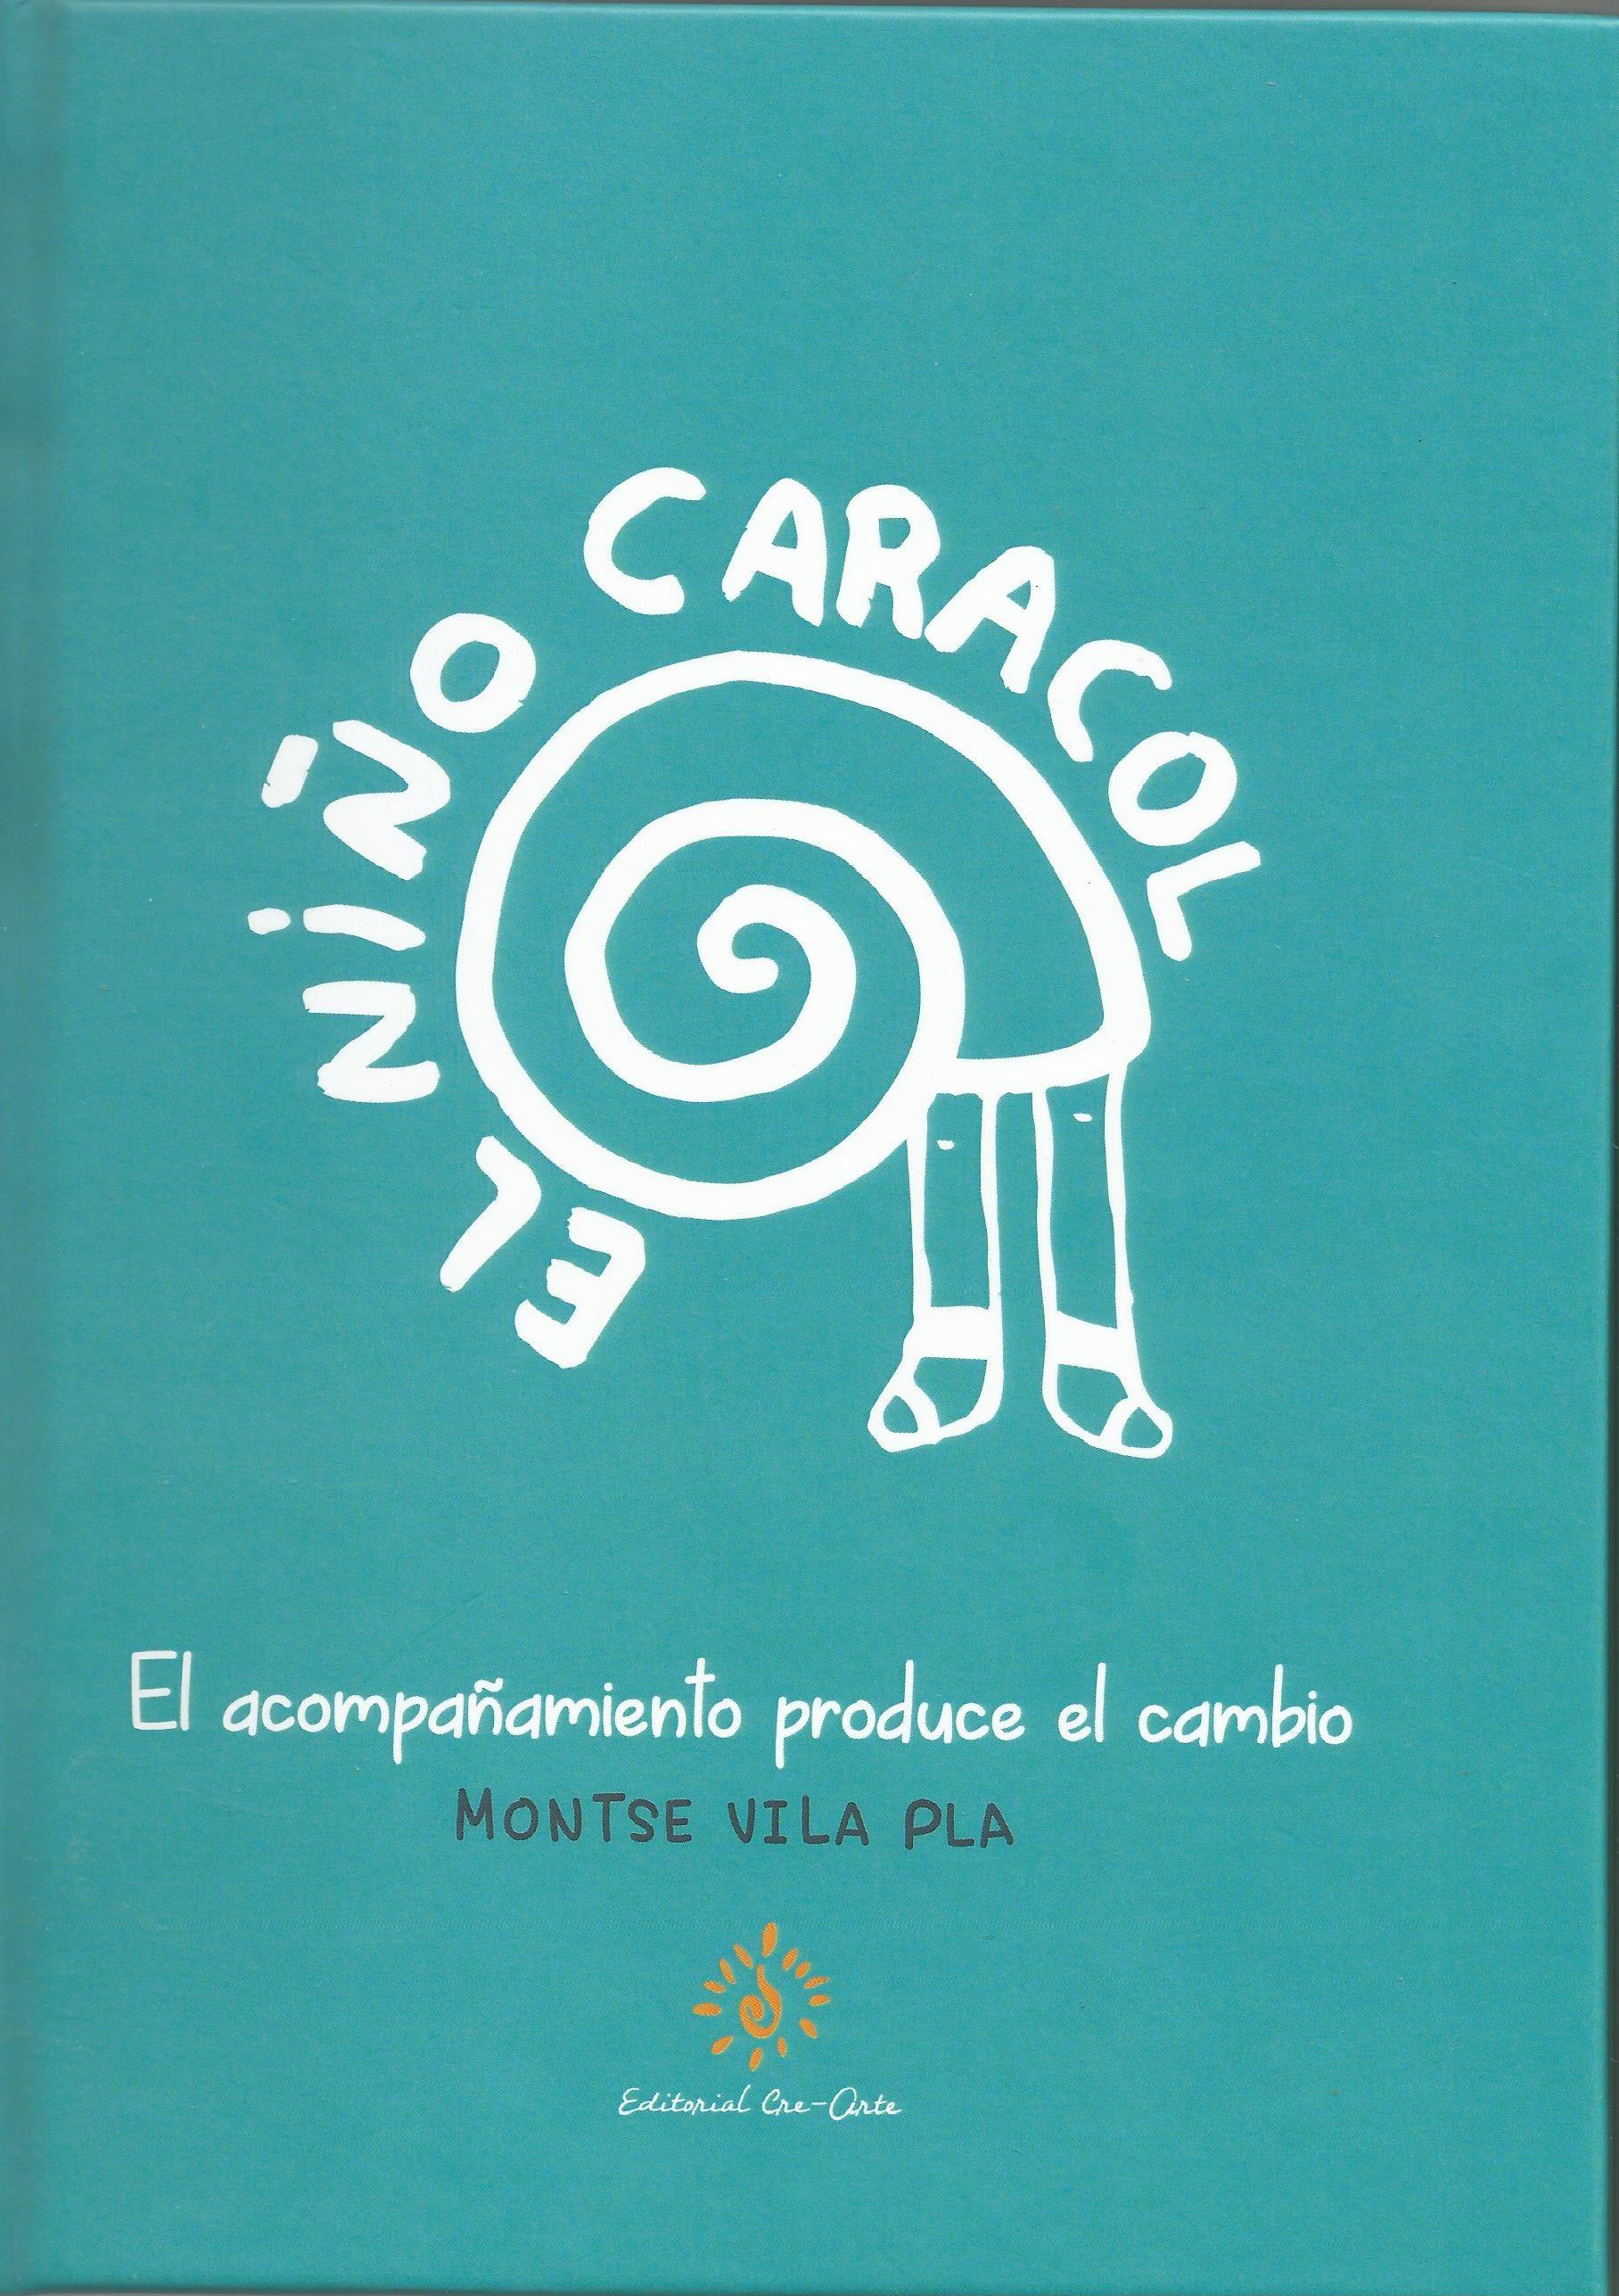 Resultado de imagen de EL NIÃ'O CARACOL de Montse Vila Pla